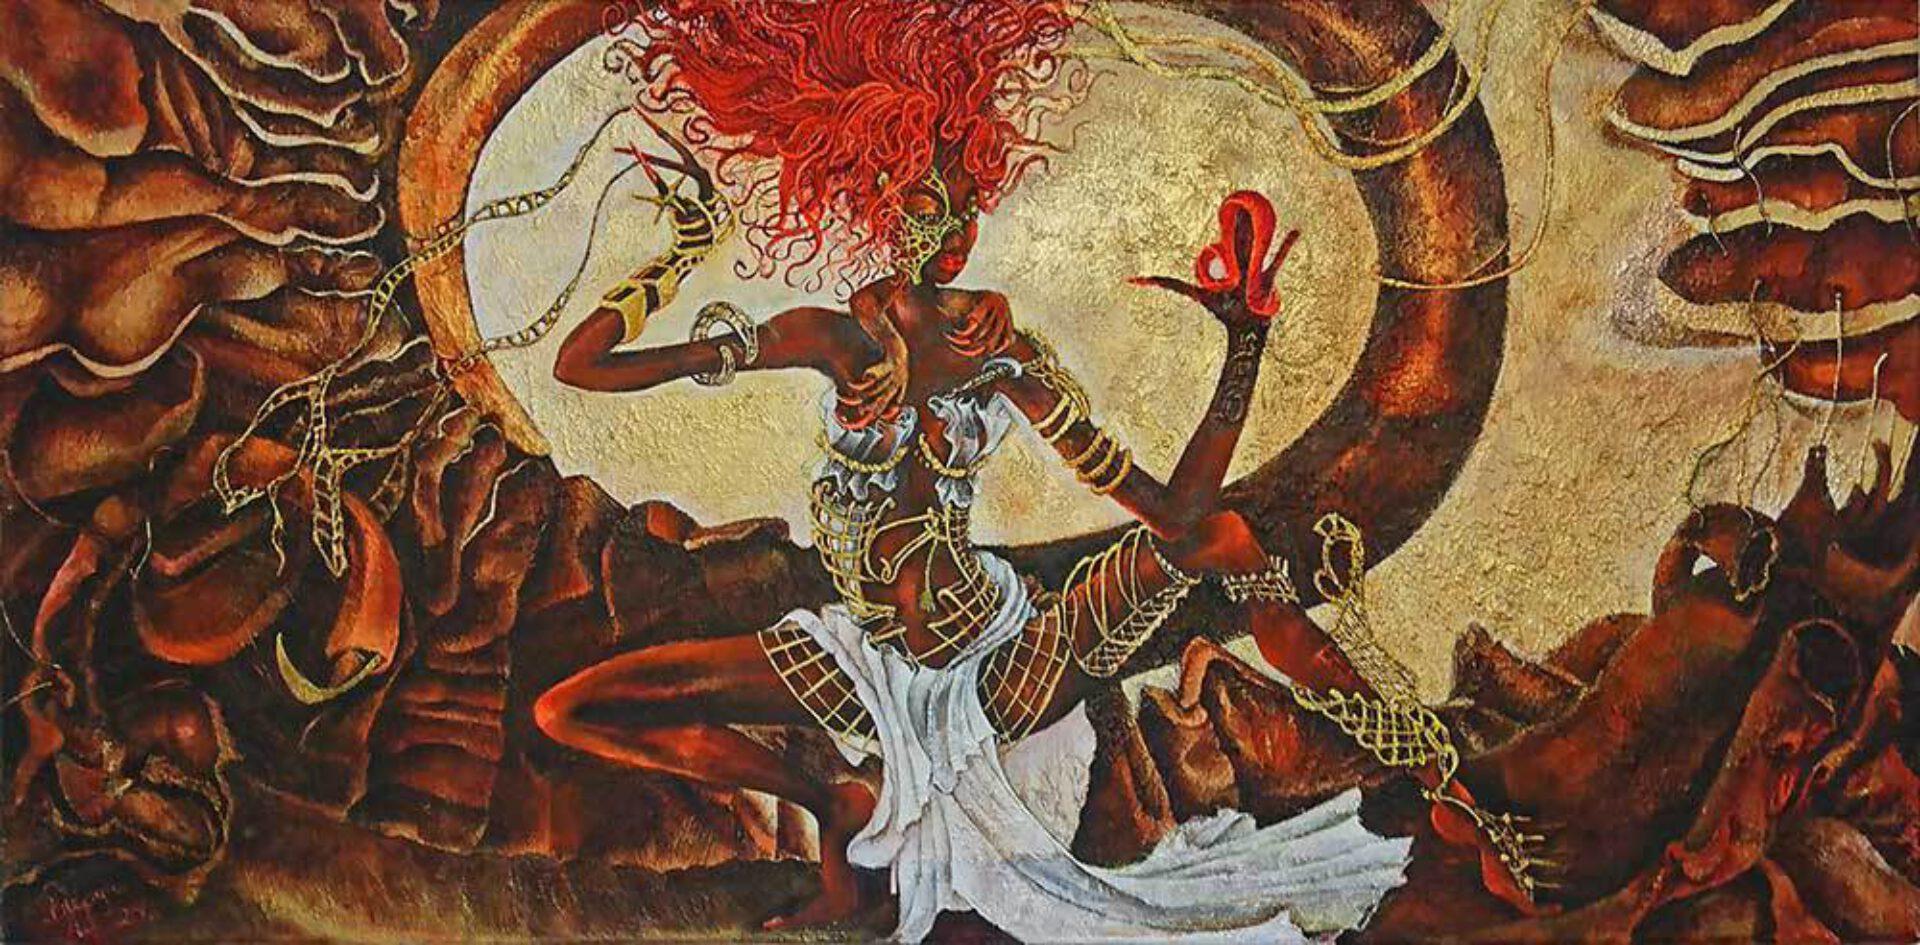 Kunst geïnspireerd door astrologie? Bloom ging in gesprek met het gezicht achter de kunstcollectie 'Sterrenbeelden'